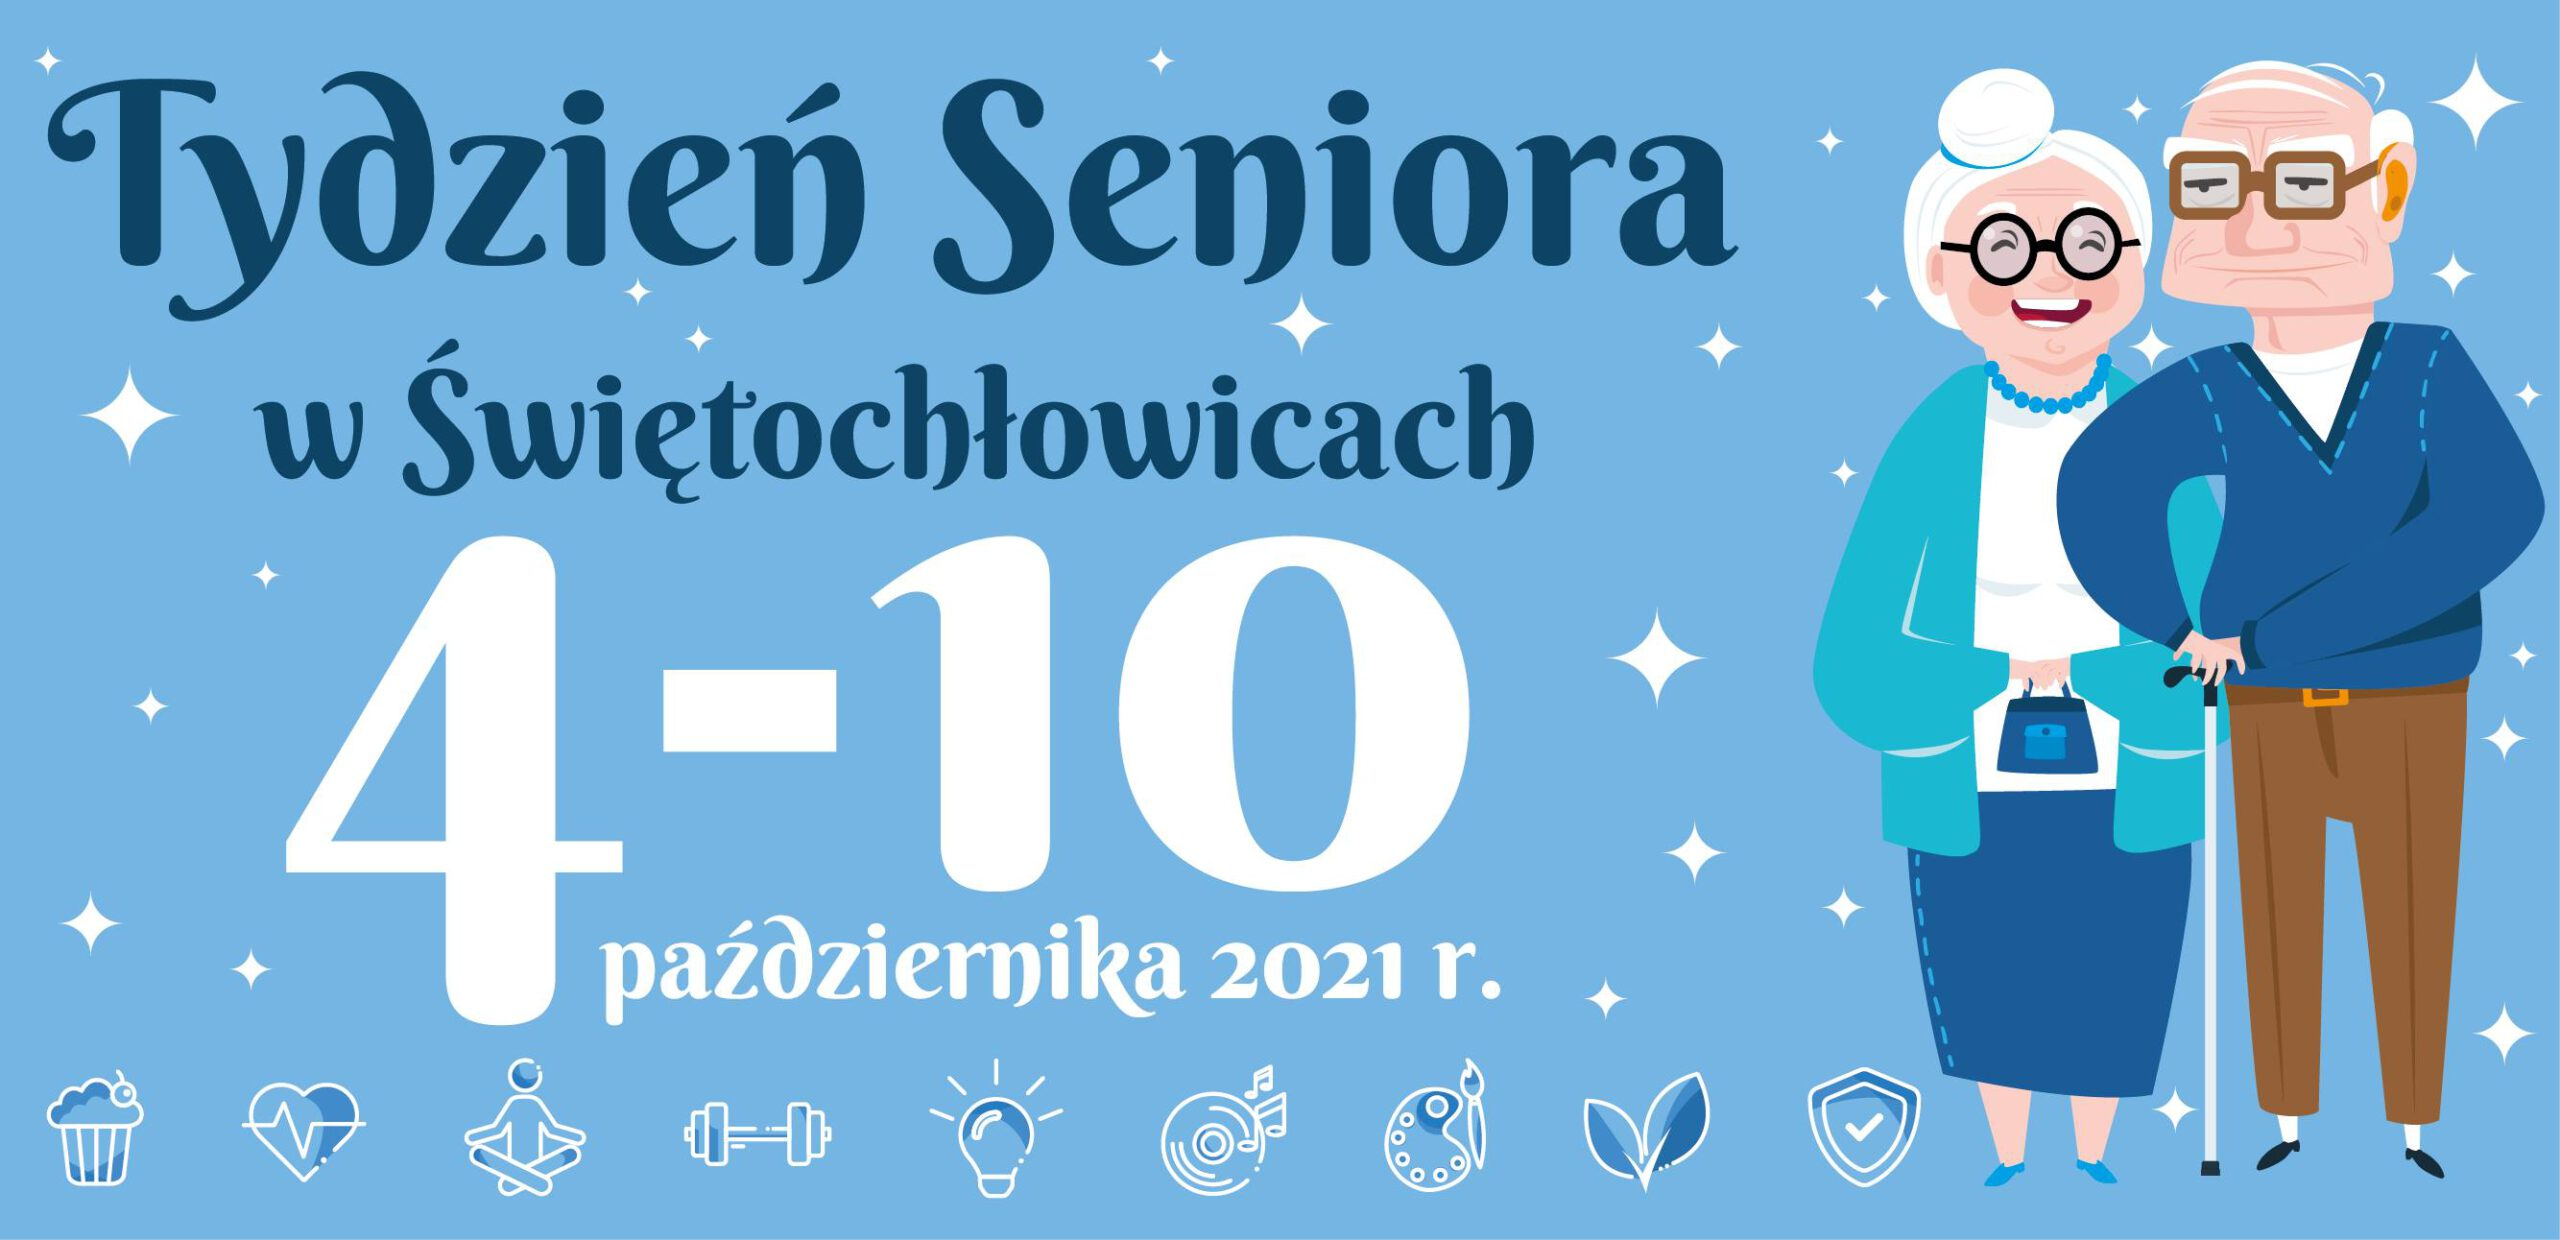 Tydzień Seniora